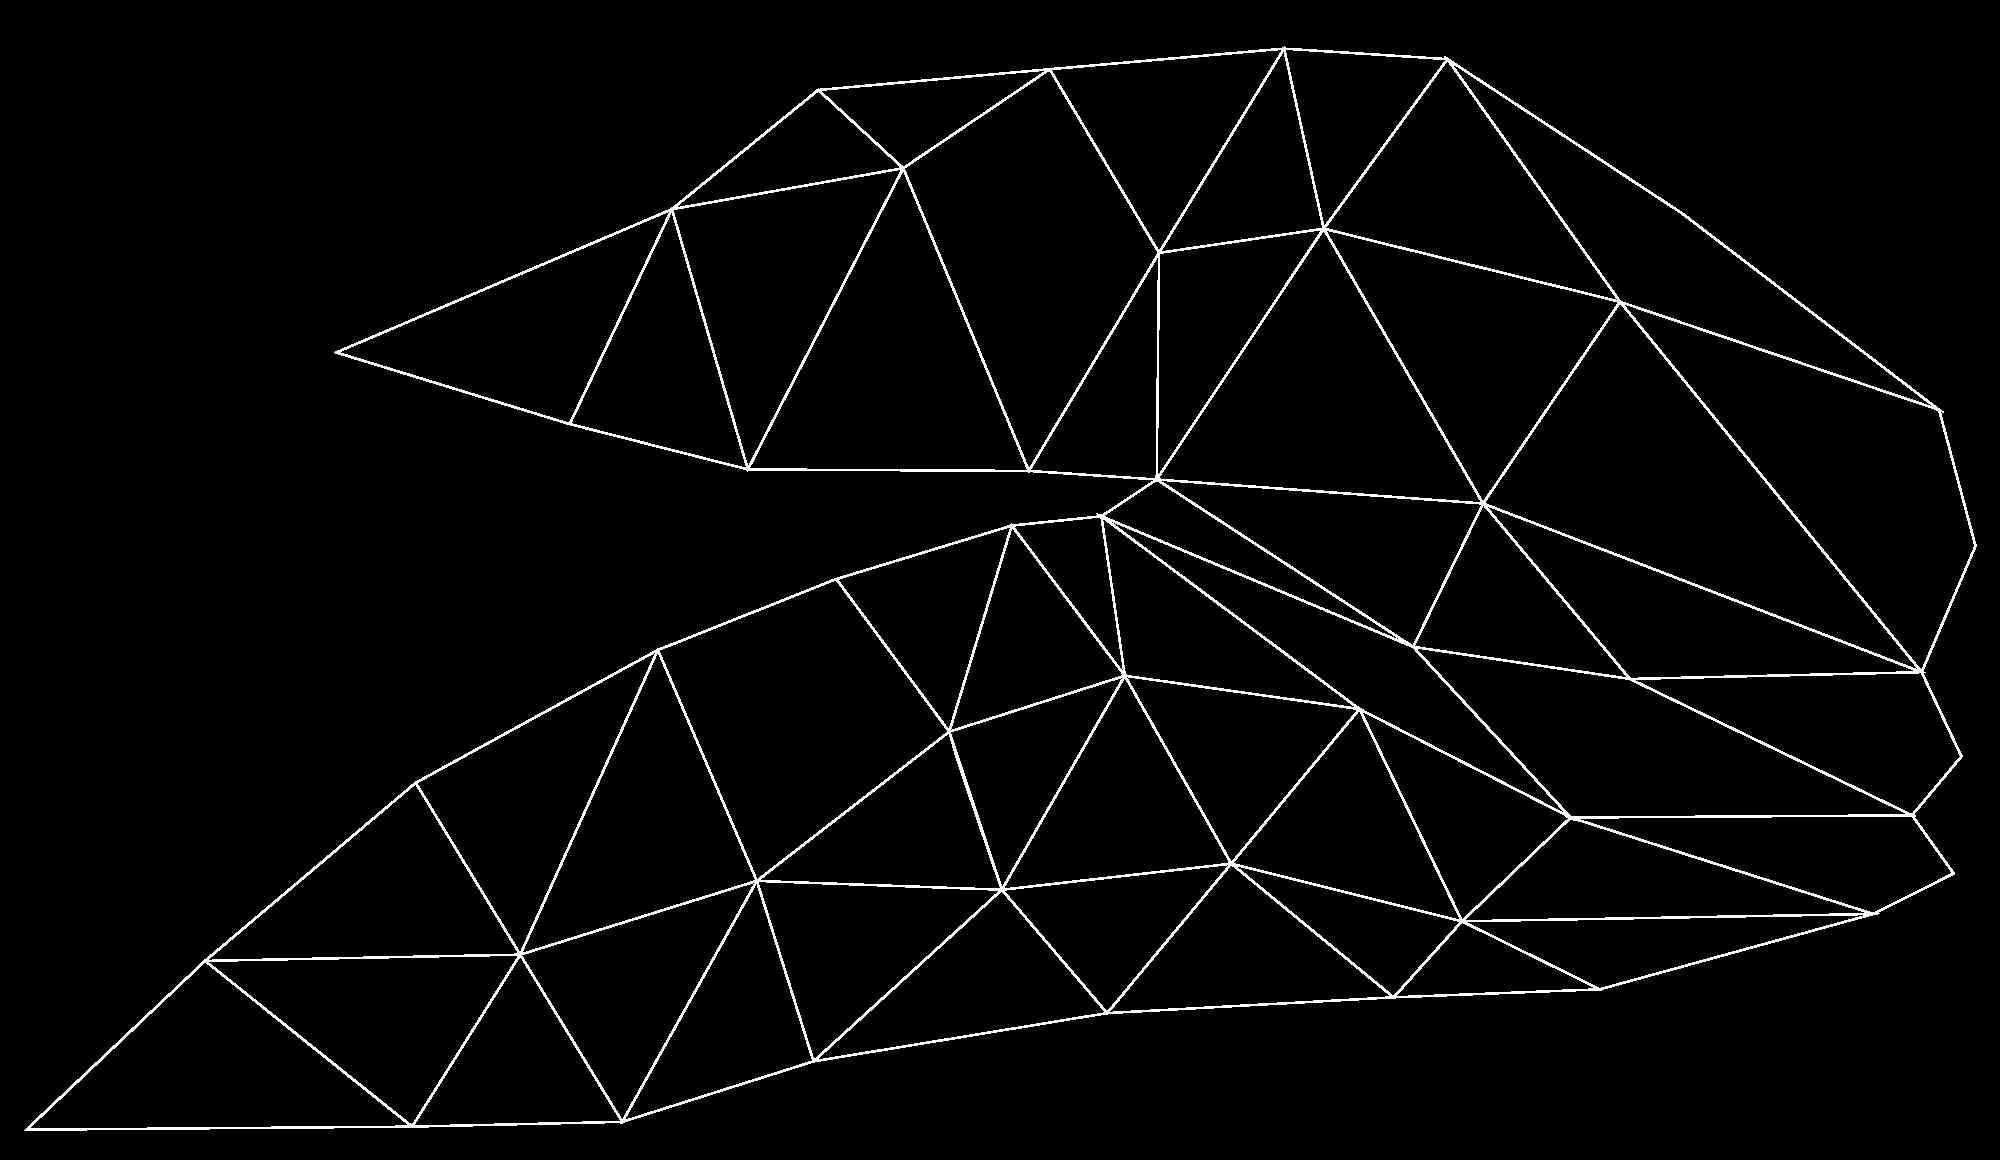 Verve-Graphic-3